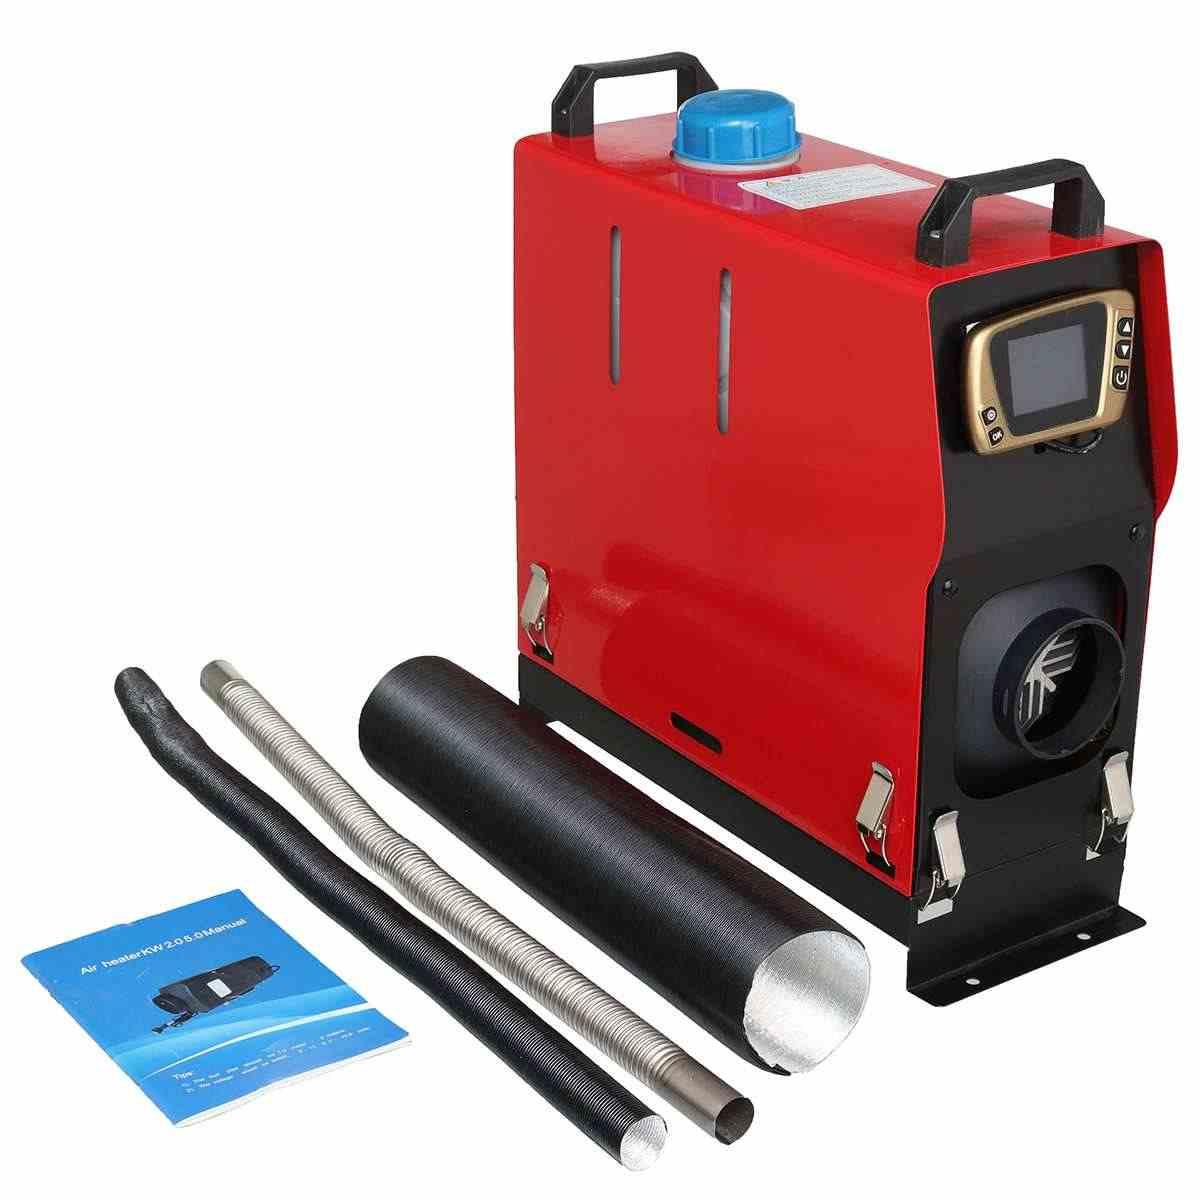 Dilepas 8KW 12V Diesel Heater Semua Dalam Satu Pemakaian Parkir Udara Hangat + Emas LCD Switch + Bahasa Inggris REMOTE untuk Bus Truk Perahu Van